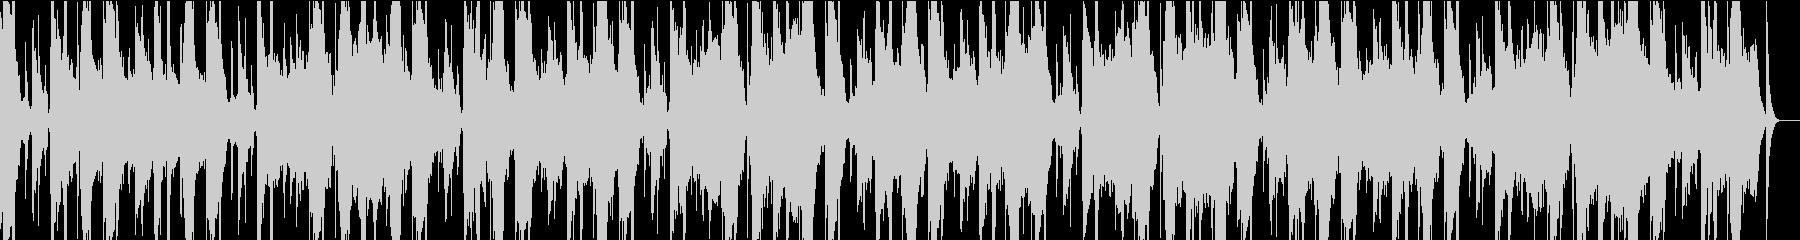 グリッチとザラザラしたダブステップ...の未再生の波形